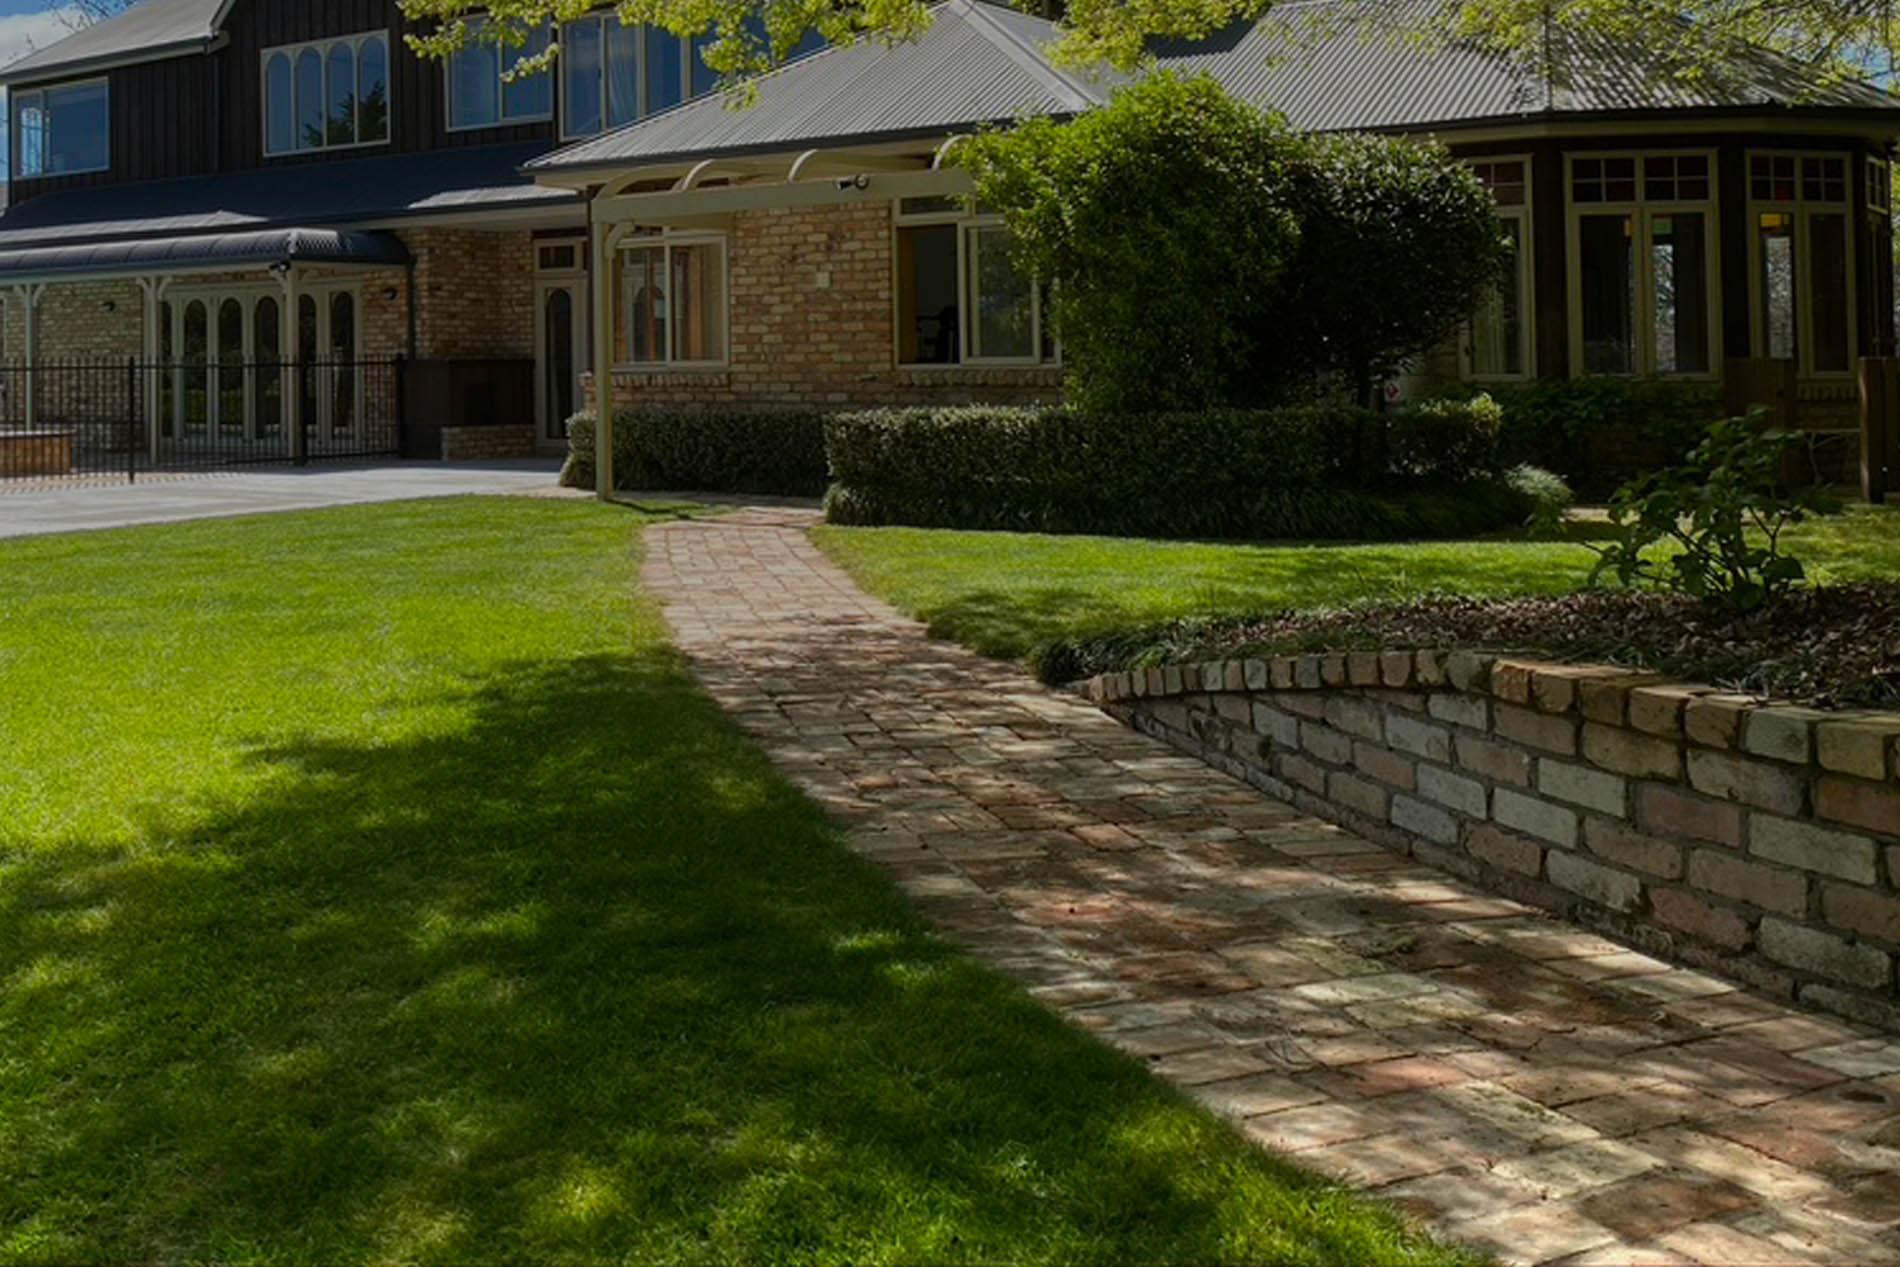 brick paving and wall